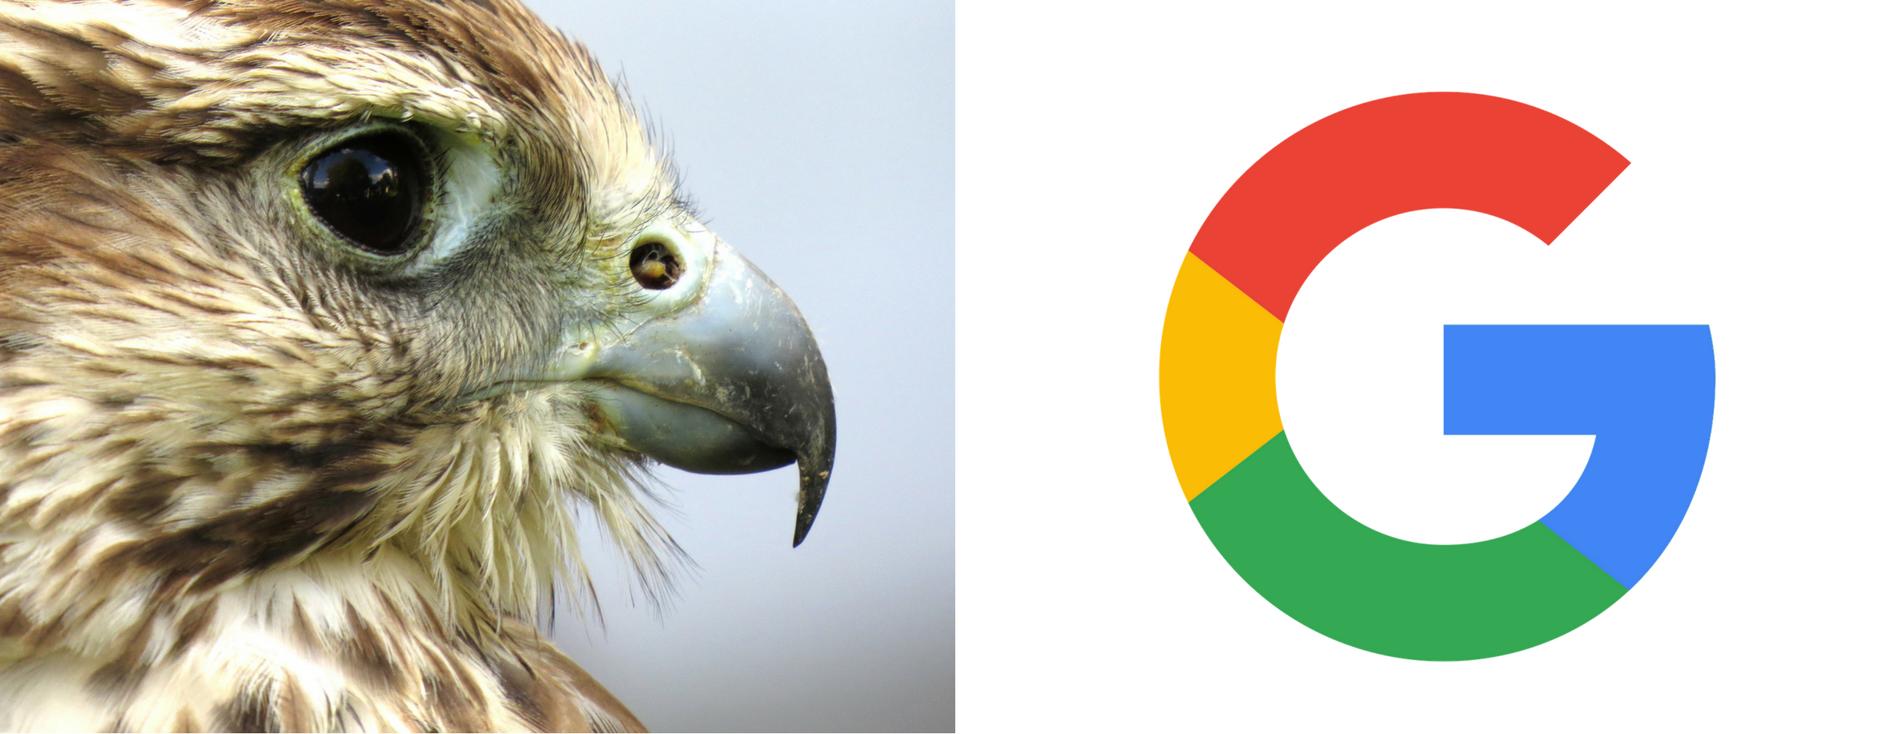 Google Hawk Update